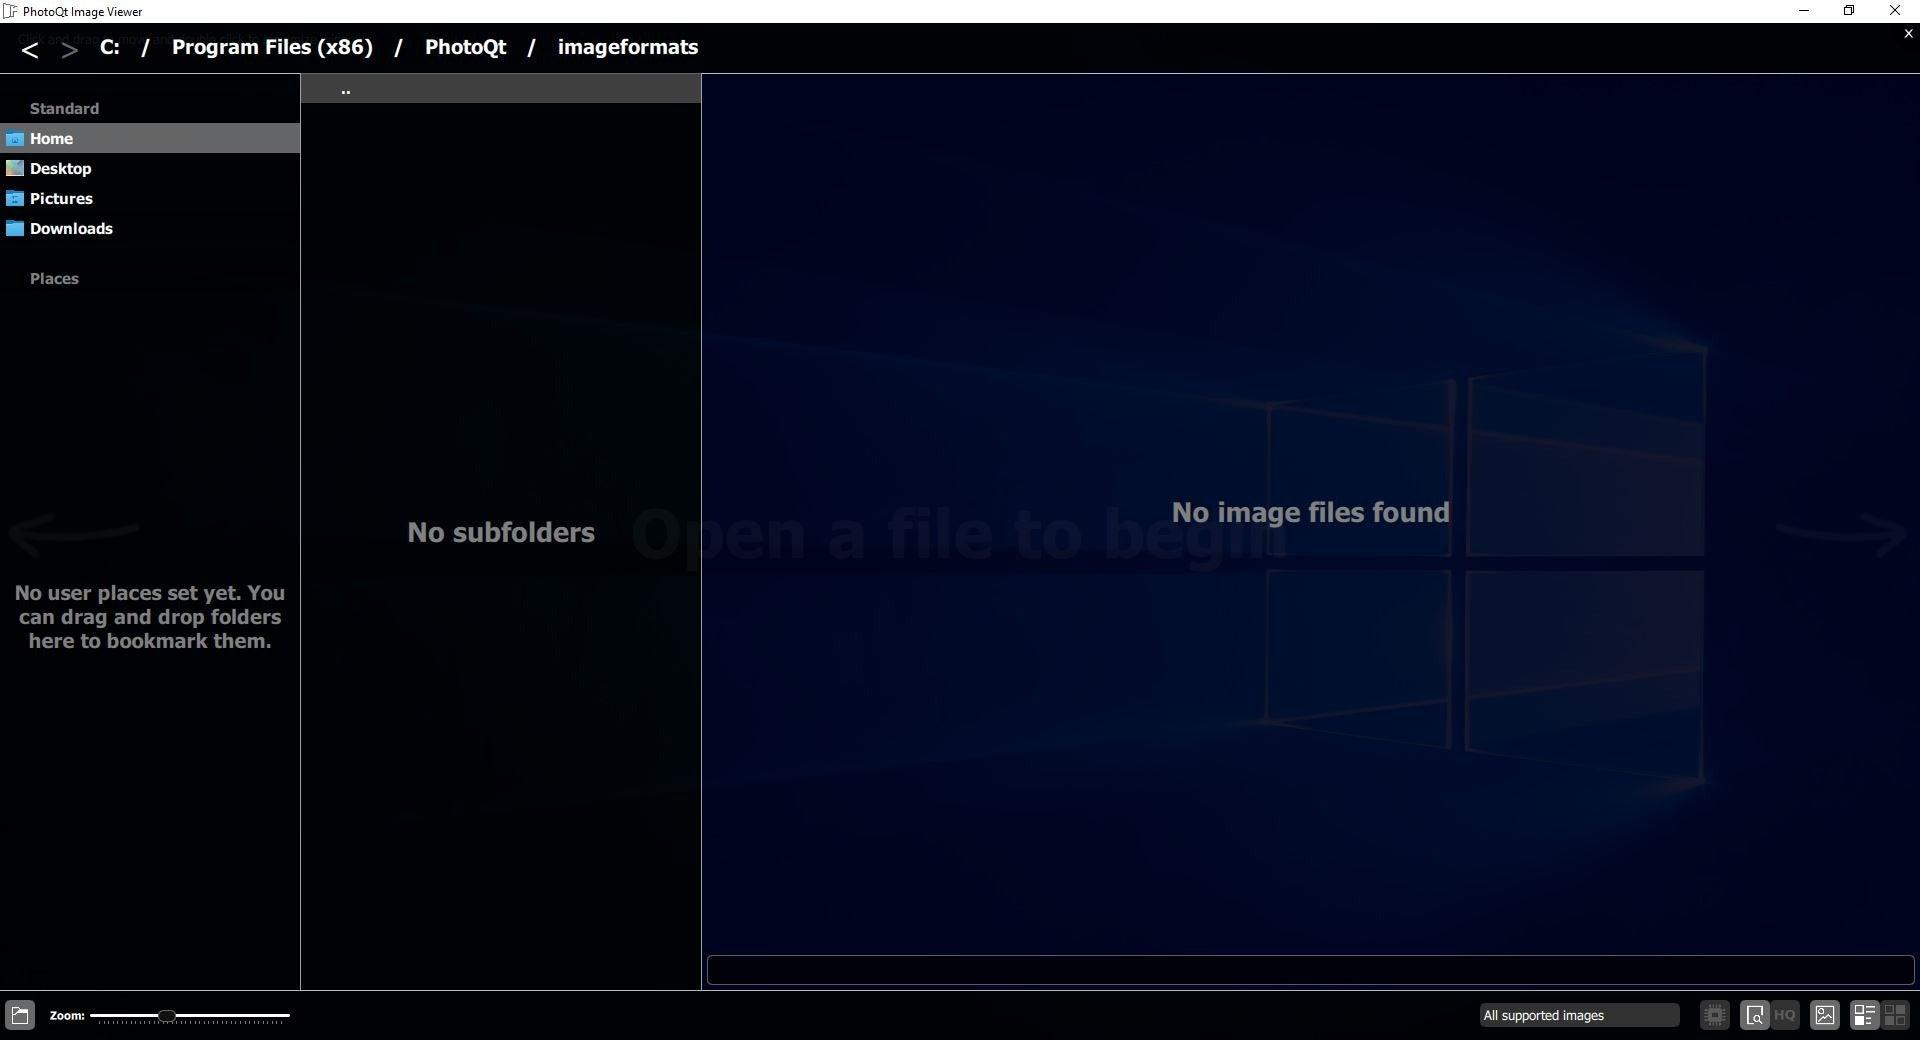 PhotoQt es un visor de imágenes fluidas para Windows y Linux